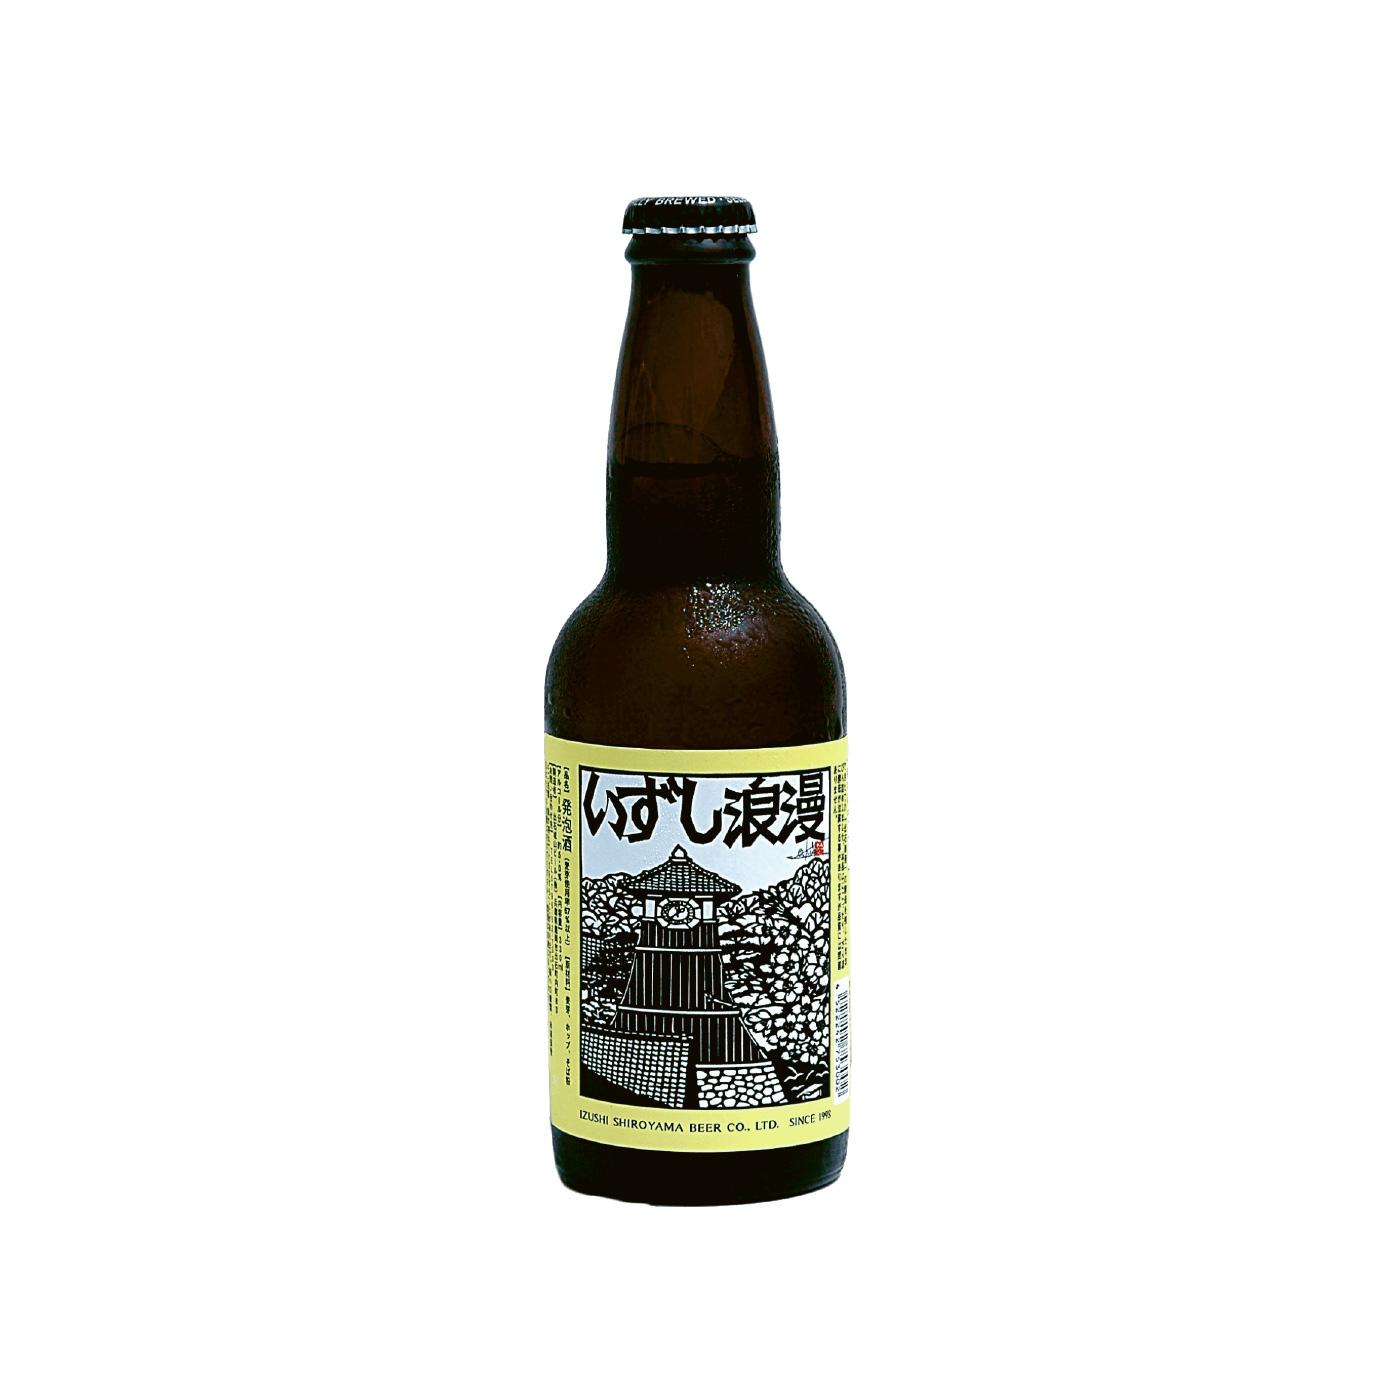 出石城山ビール いずし浪漫